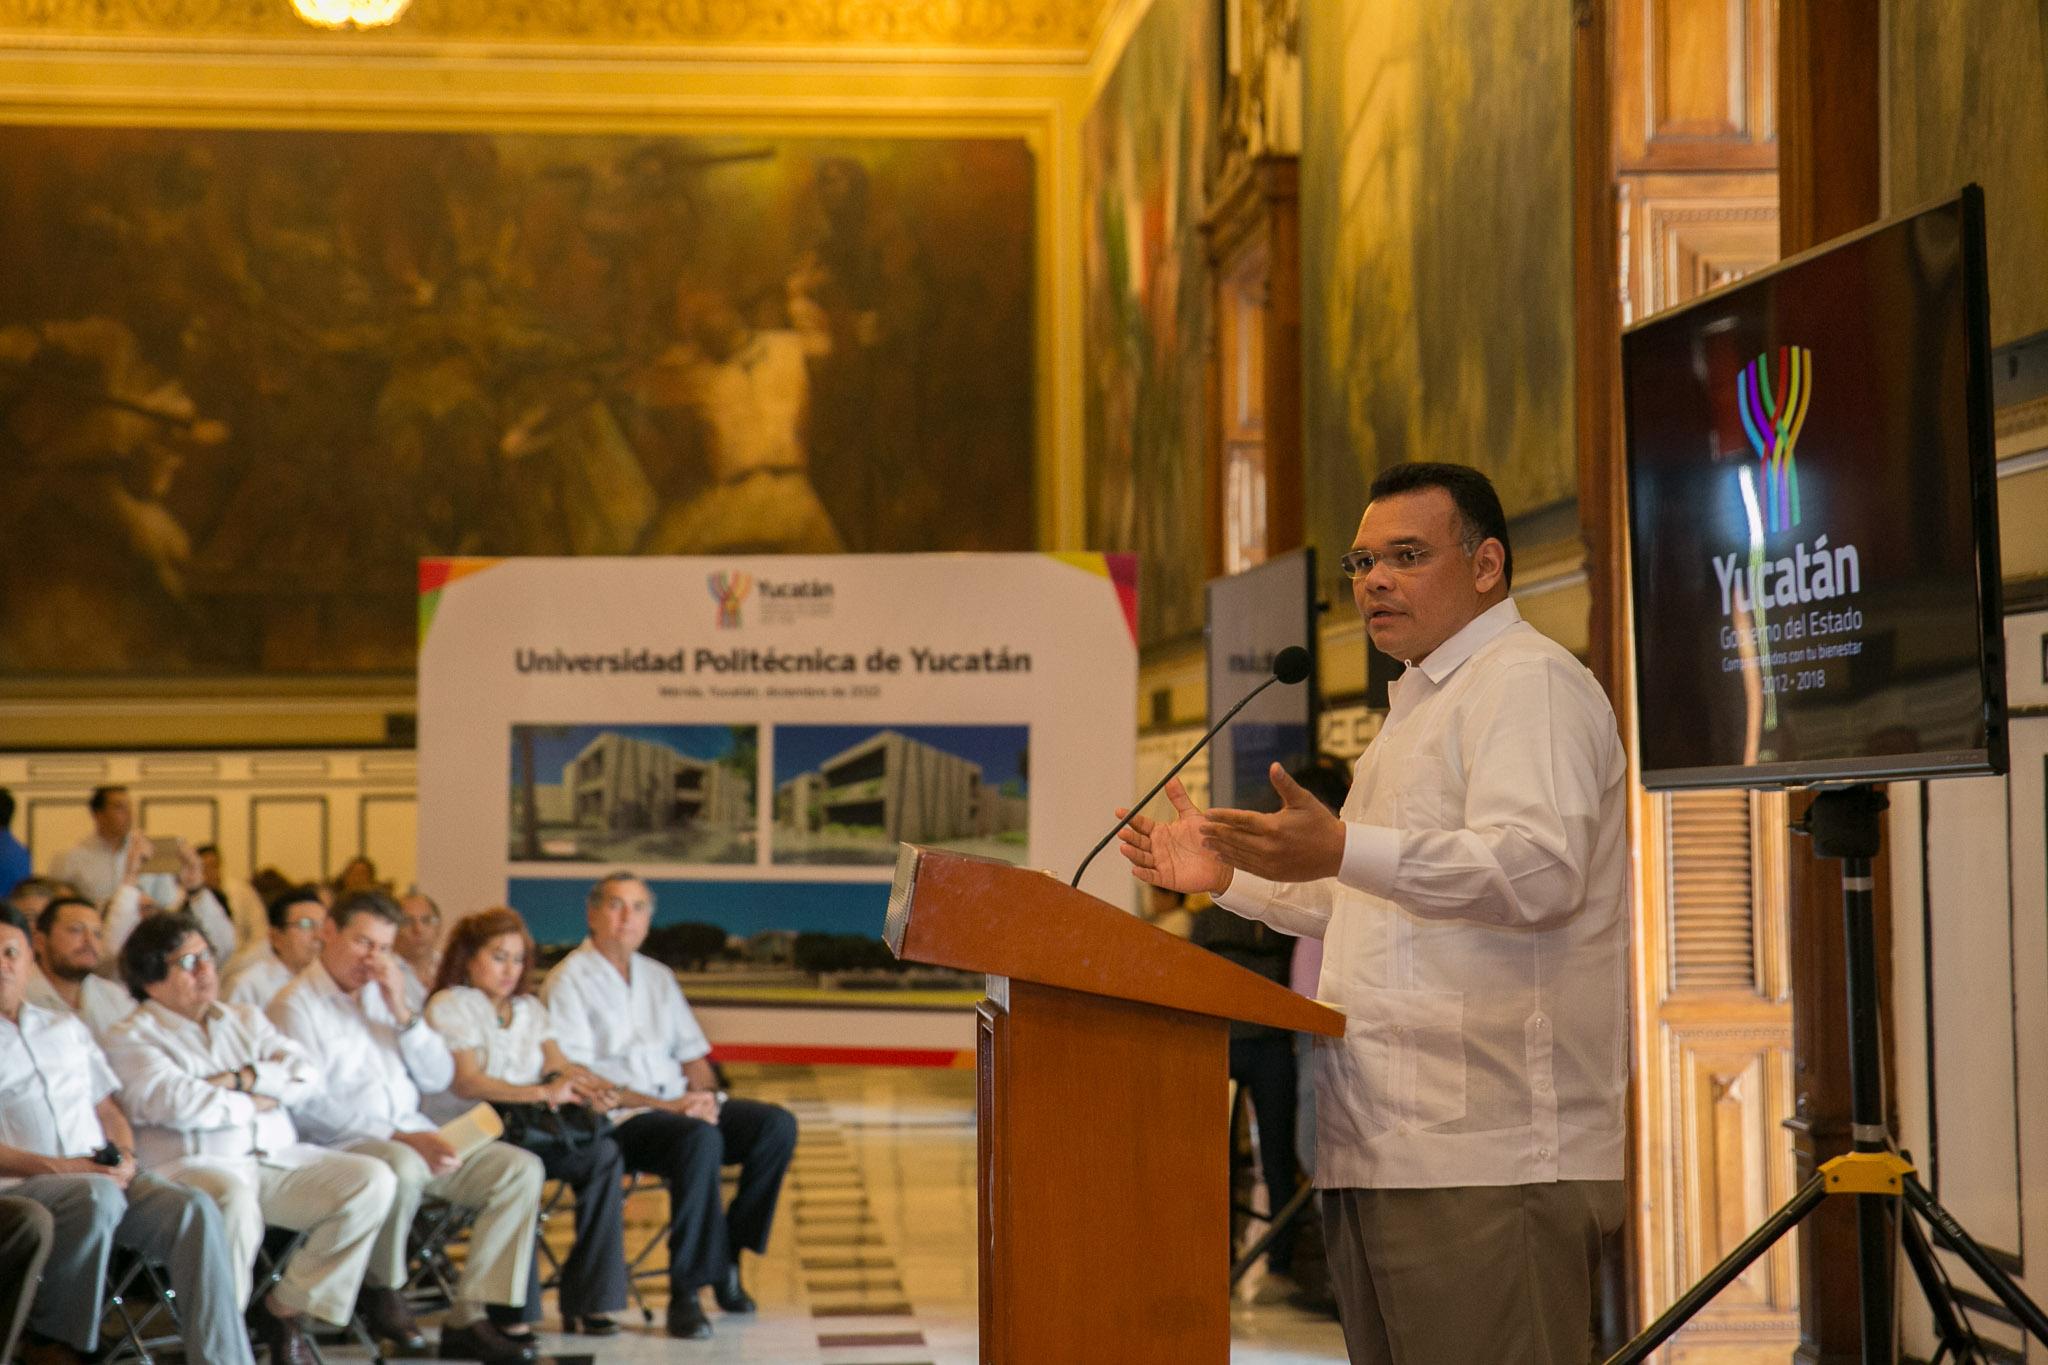 Construcción de Universidad Politécnica de Yucatán, a partir de enero